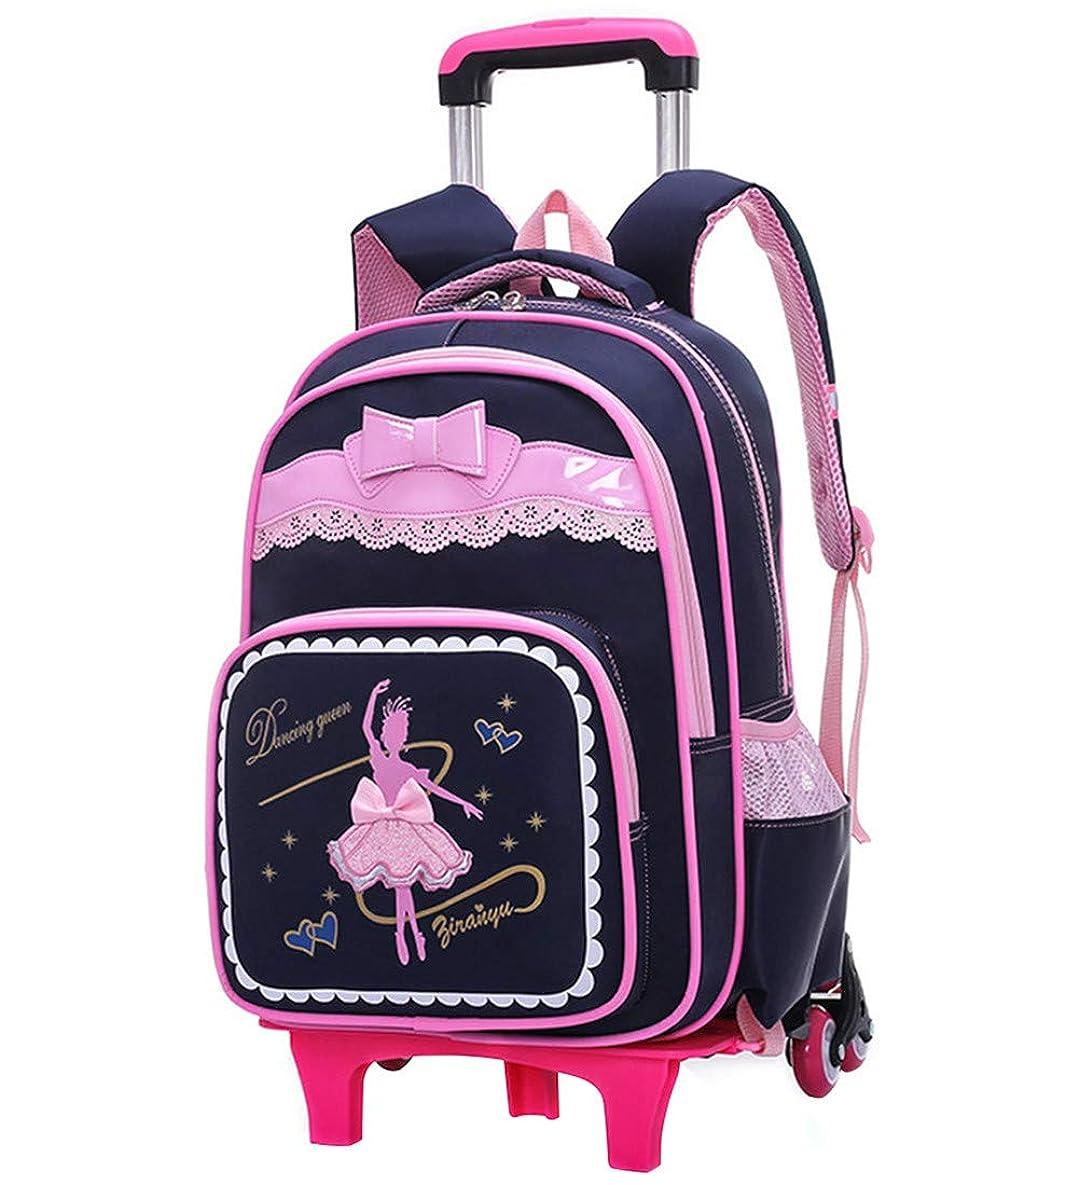 伝統パートナーケージ(よキーよ)Yokeeyo スーツケース キャリーケース 子供リュック バックパック キッズバッグ トローリーケース 着脱式デイパック 両輪付き 六輪付き キャスターバッグ 小学生 kids 女の子 旅行 プリンセス風 大容量 多機能 おしゃれ